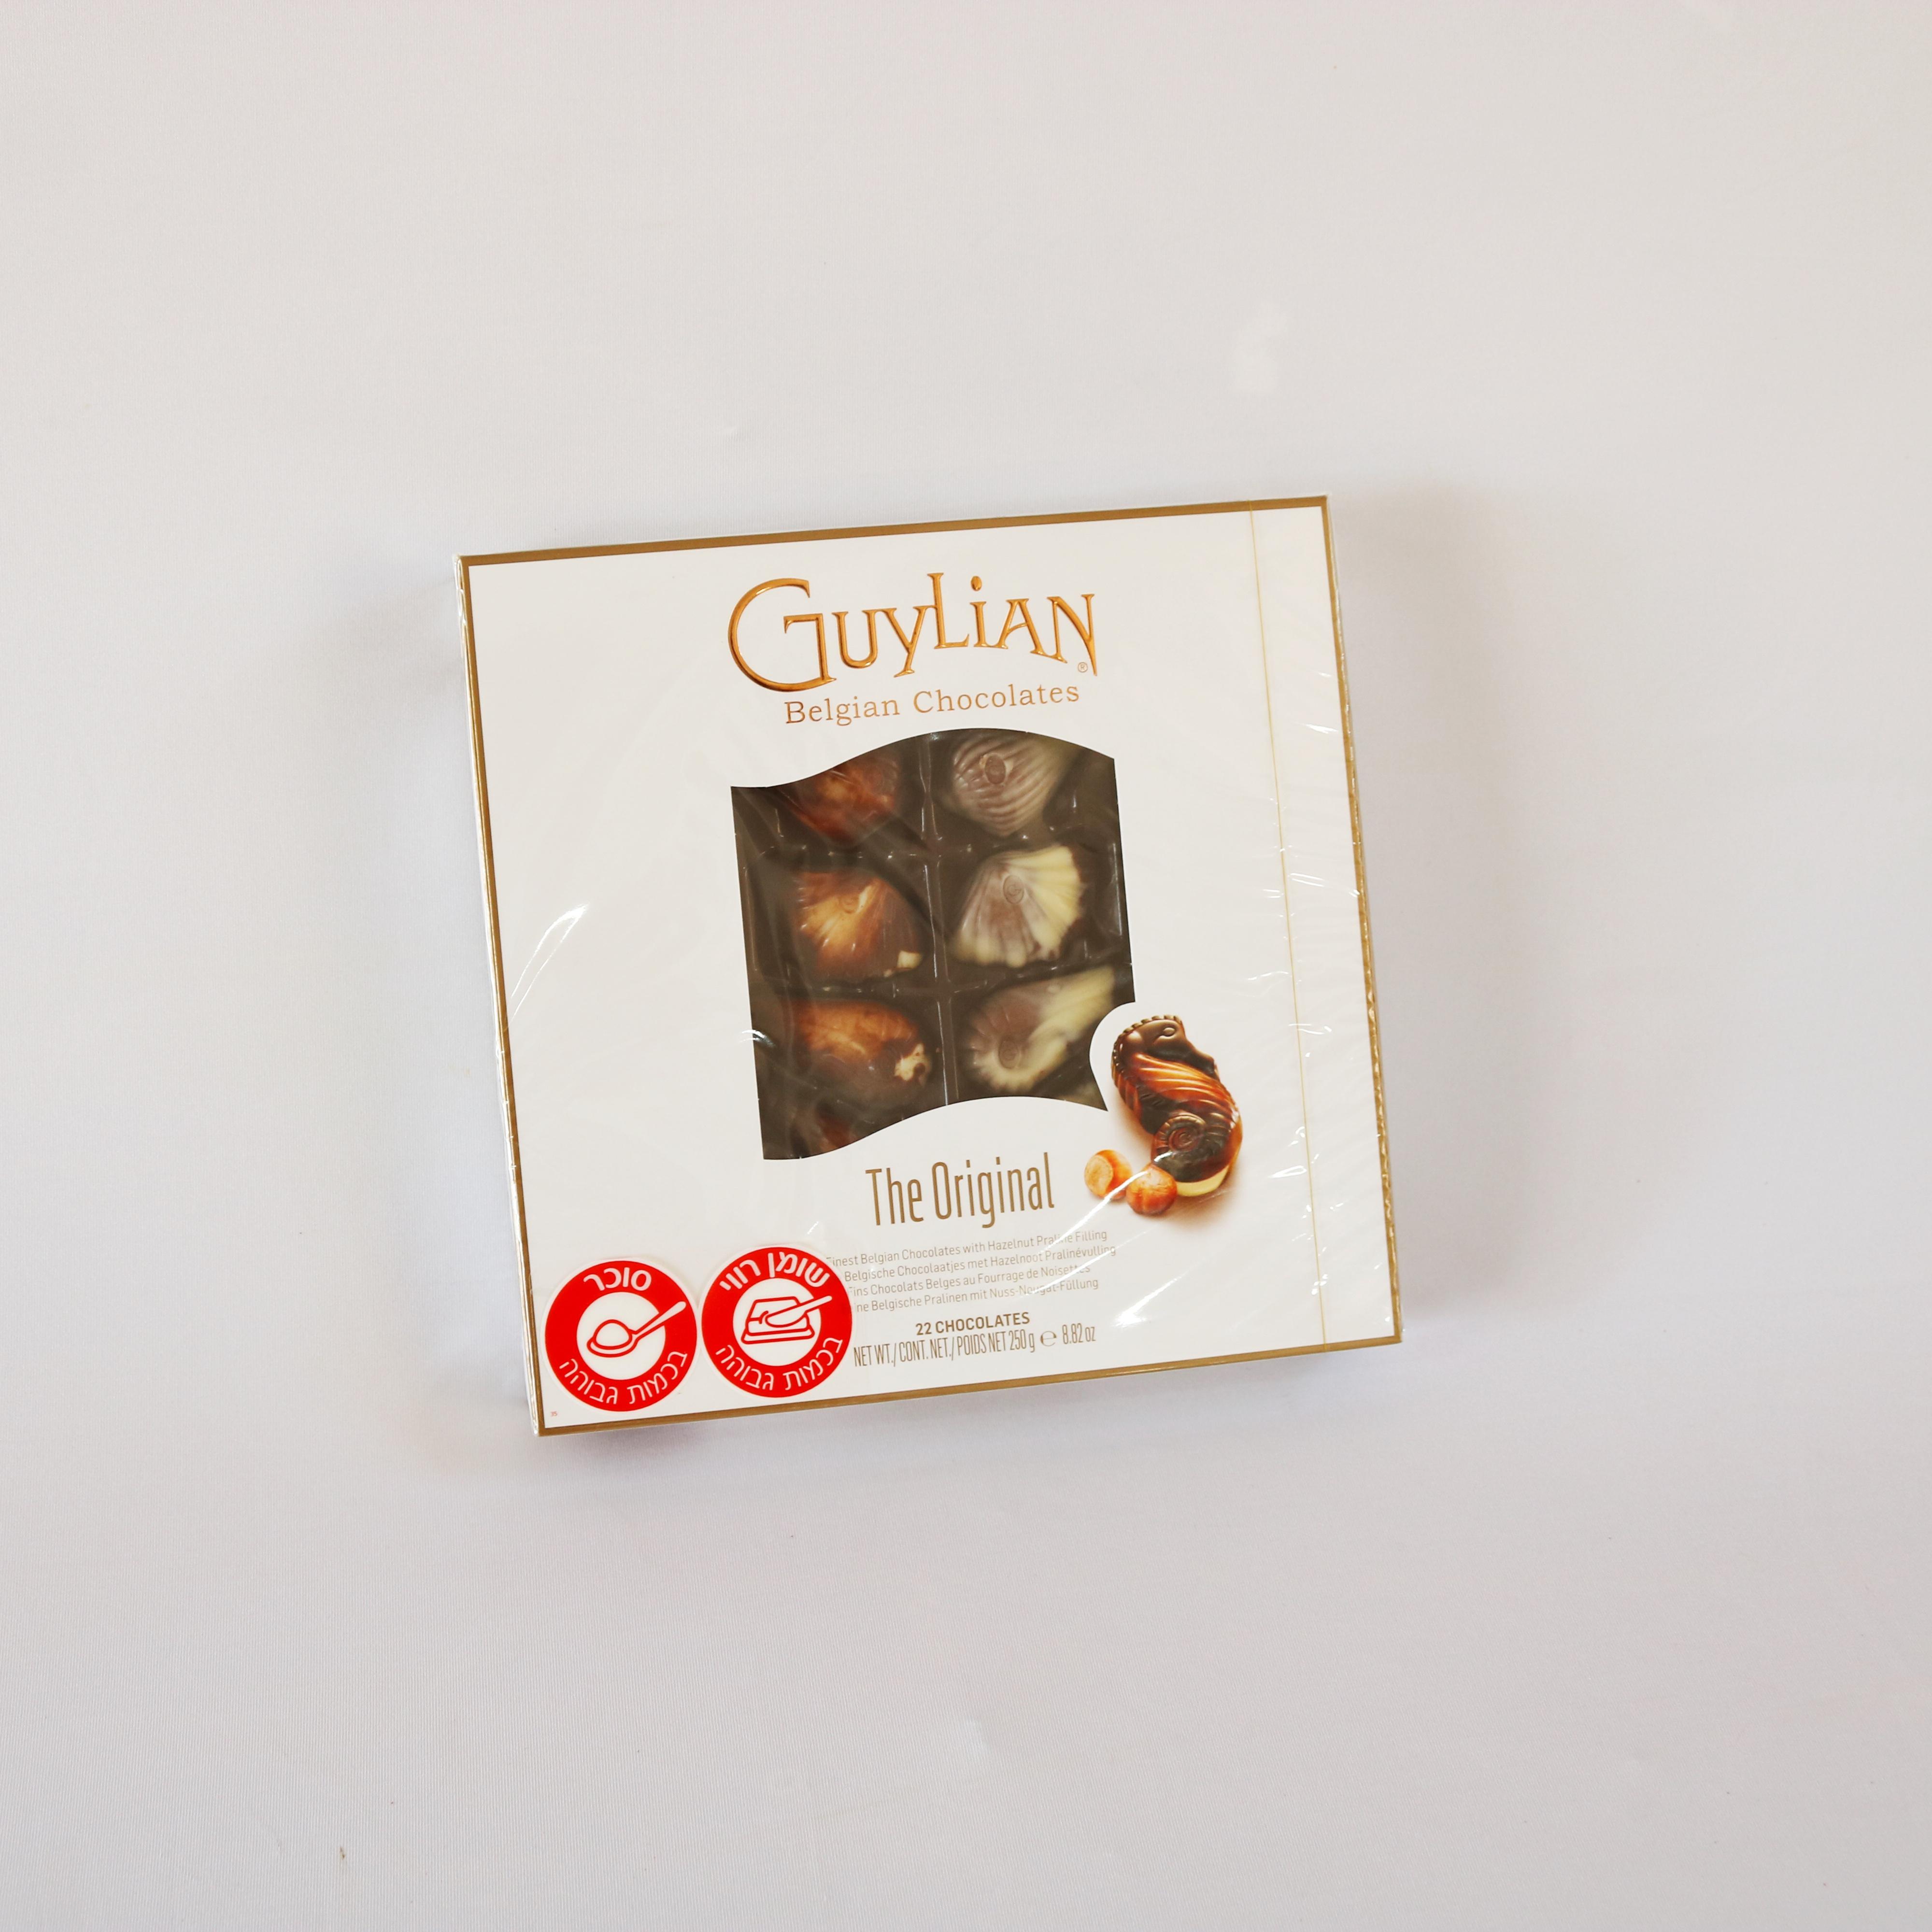 שוקולד ג'וליאן